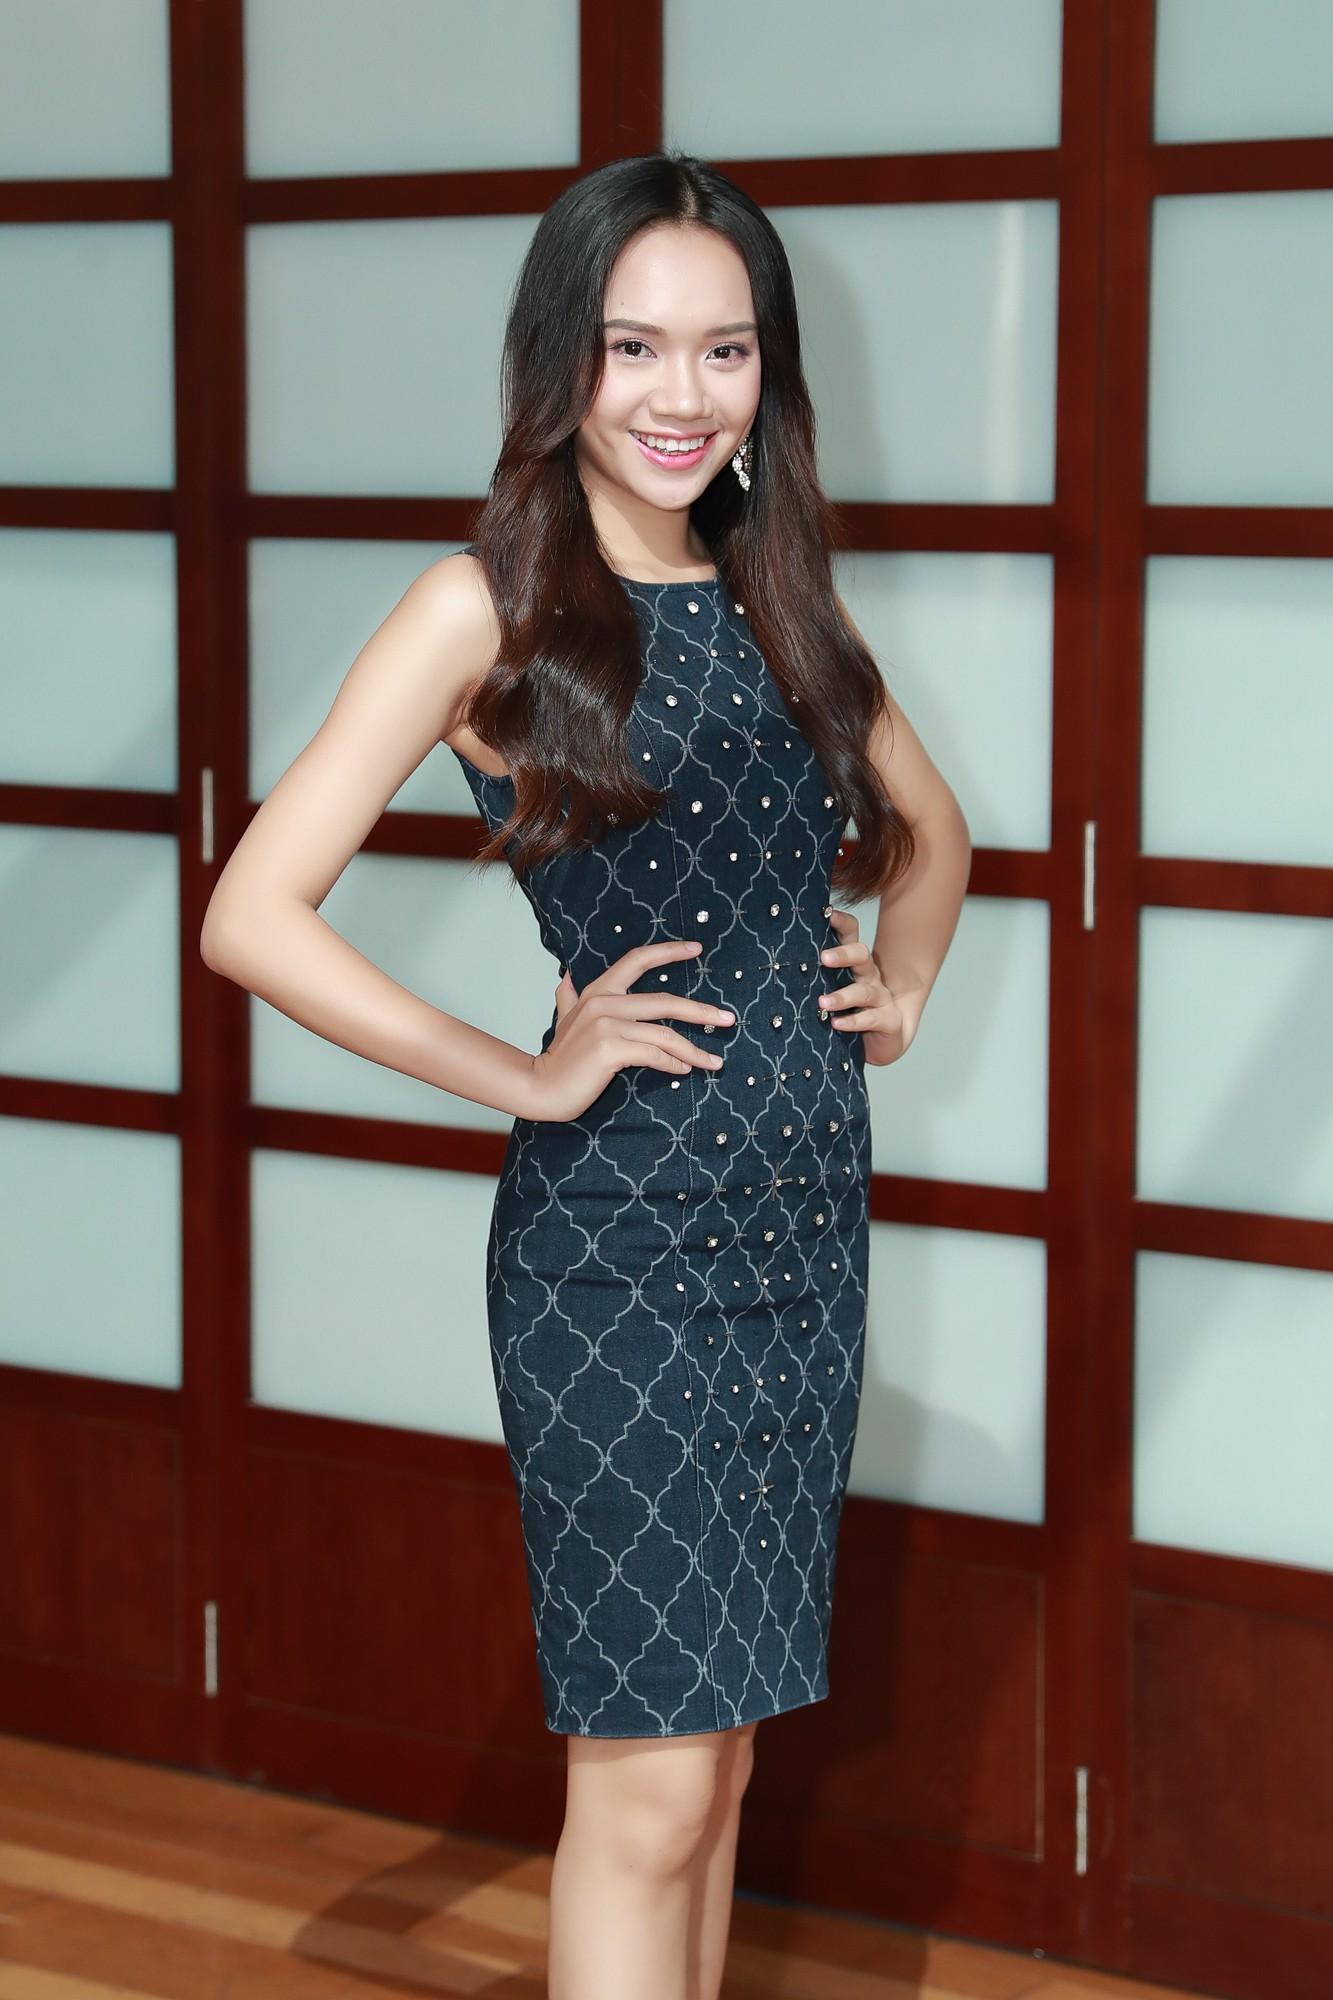 Người quen nào sáng giá nhất trong cuộc đua vương miện Hoa hậu Thế giới Việt Nam 2019?   - Ảnh 2.